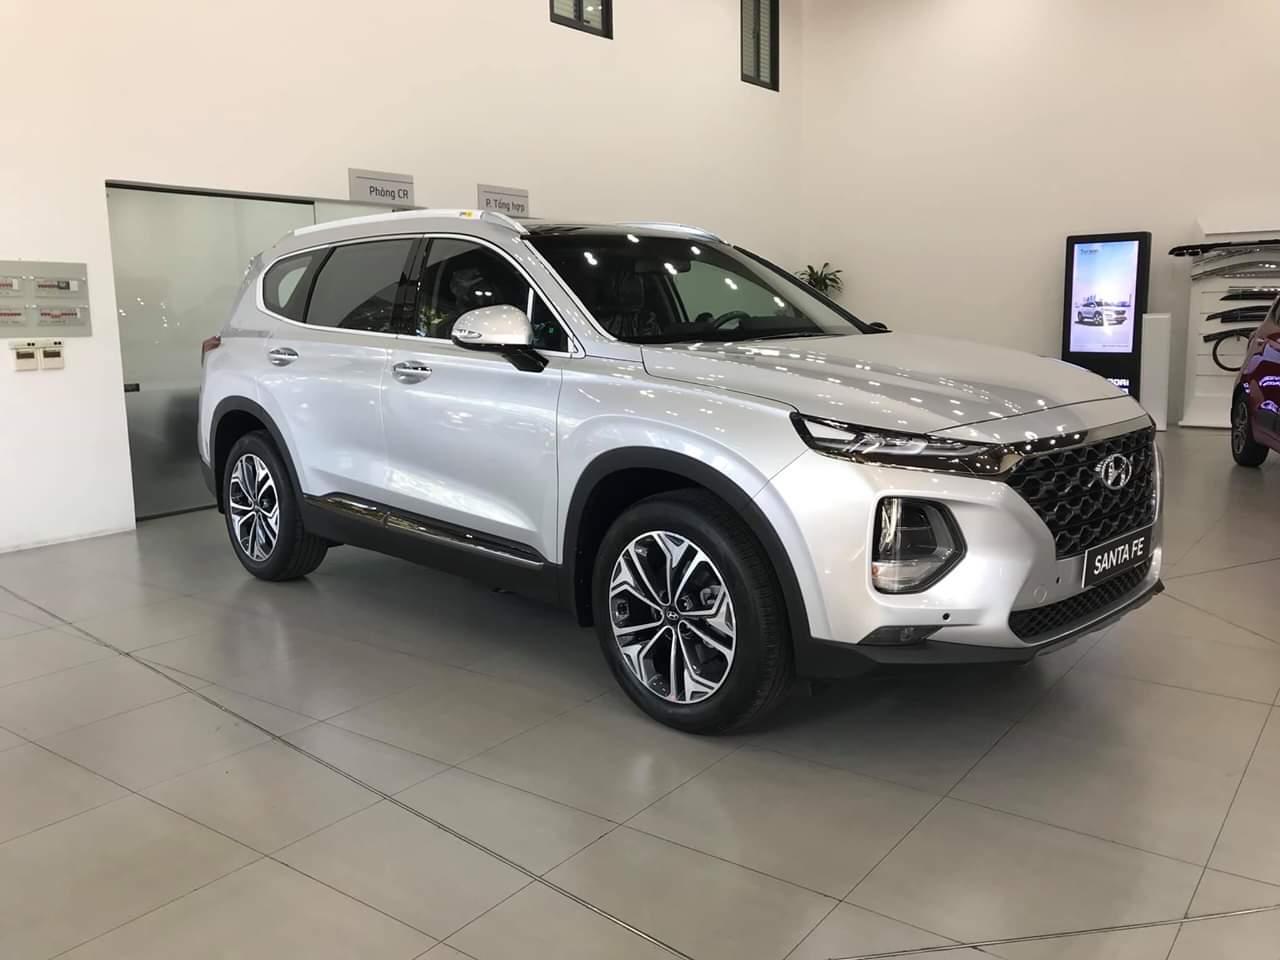 Hyundai santafe 2.4 xăng đặc biệt 2019 (2)